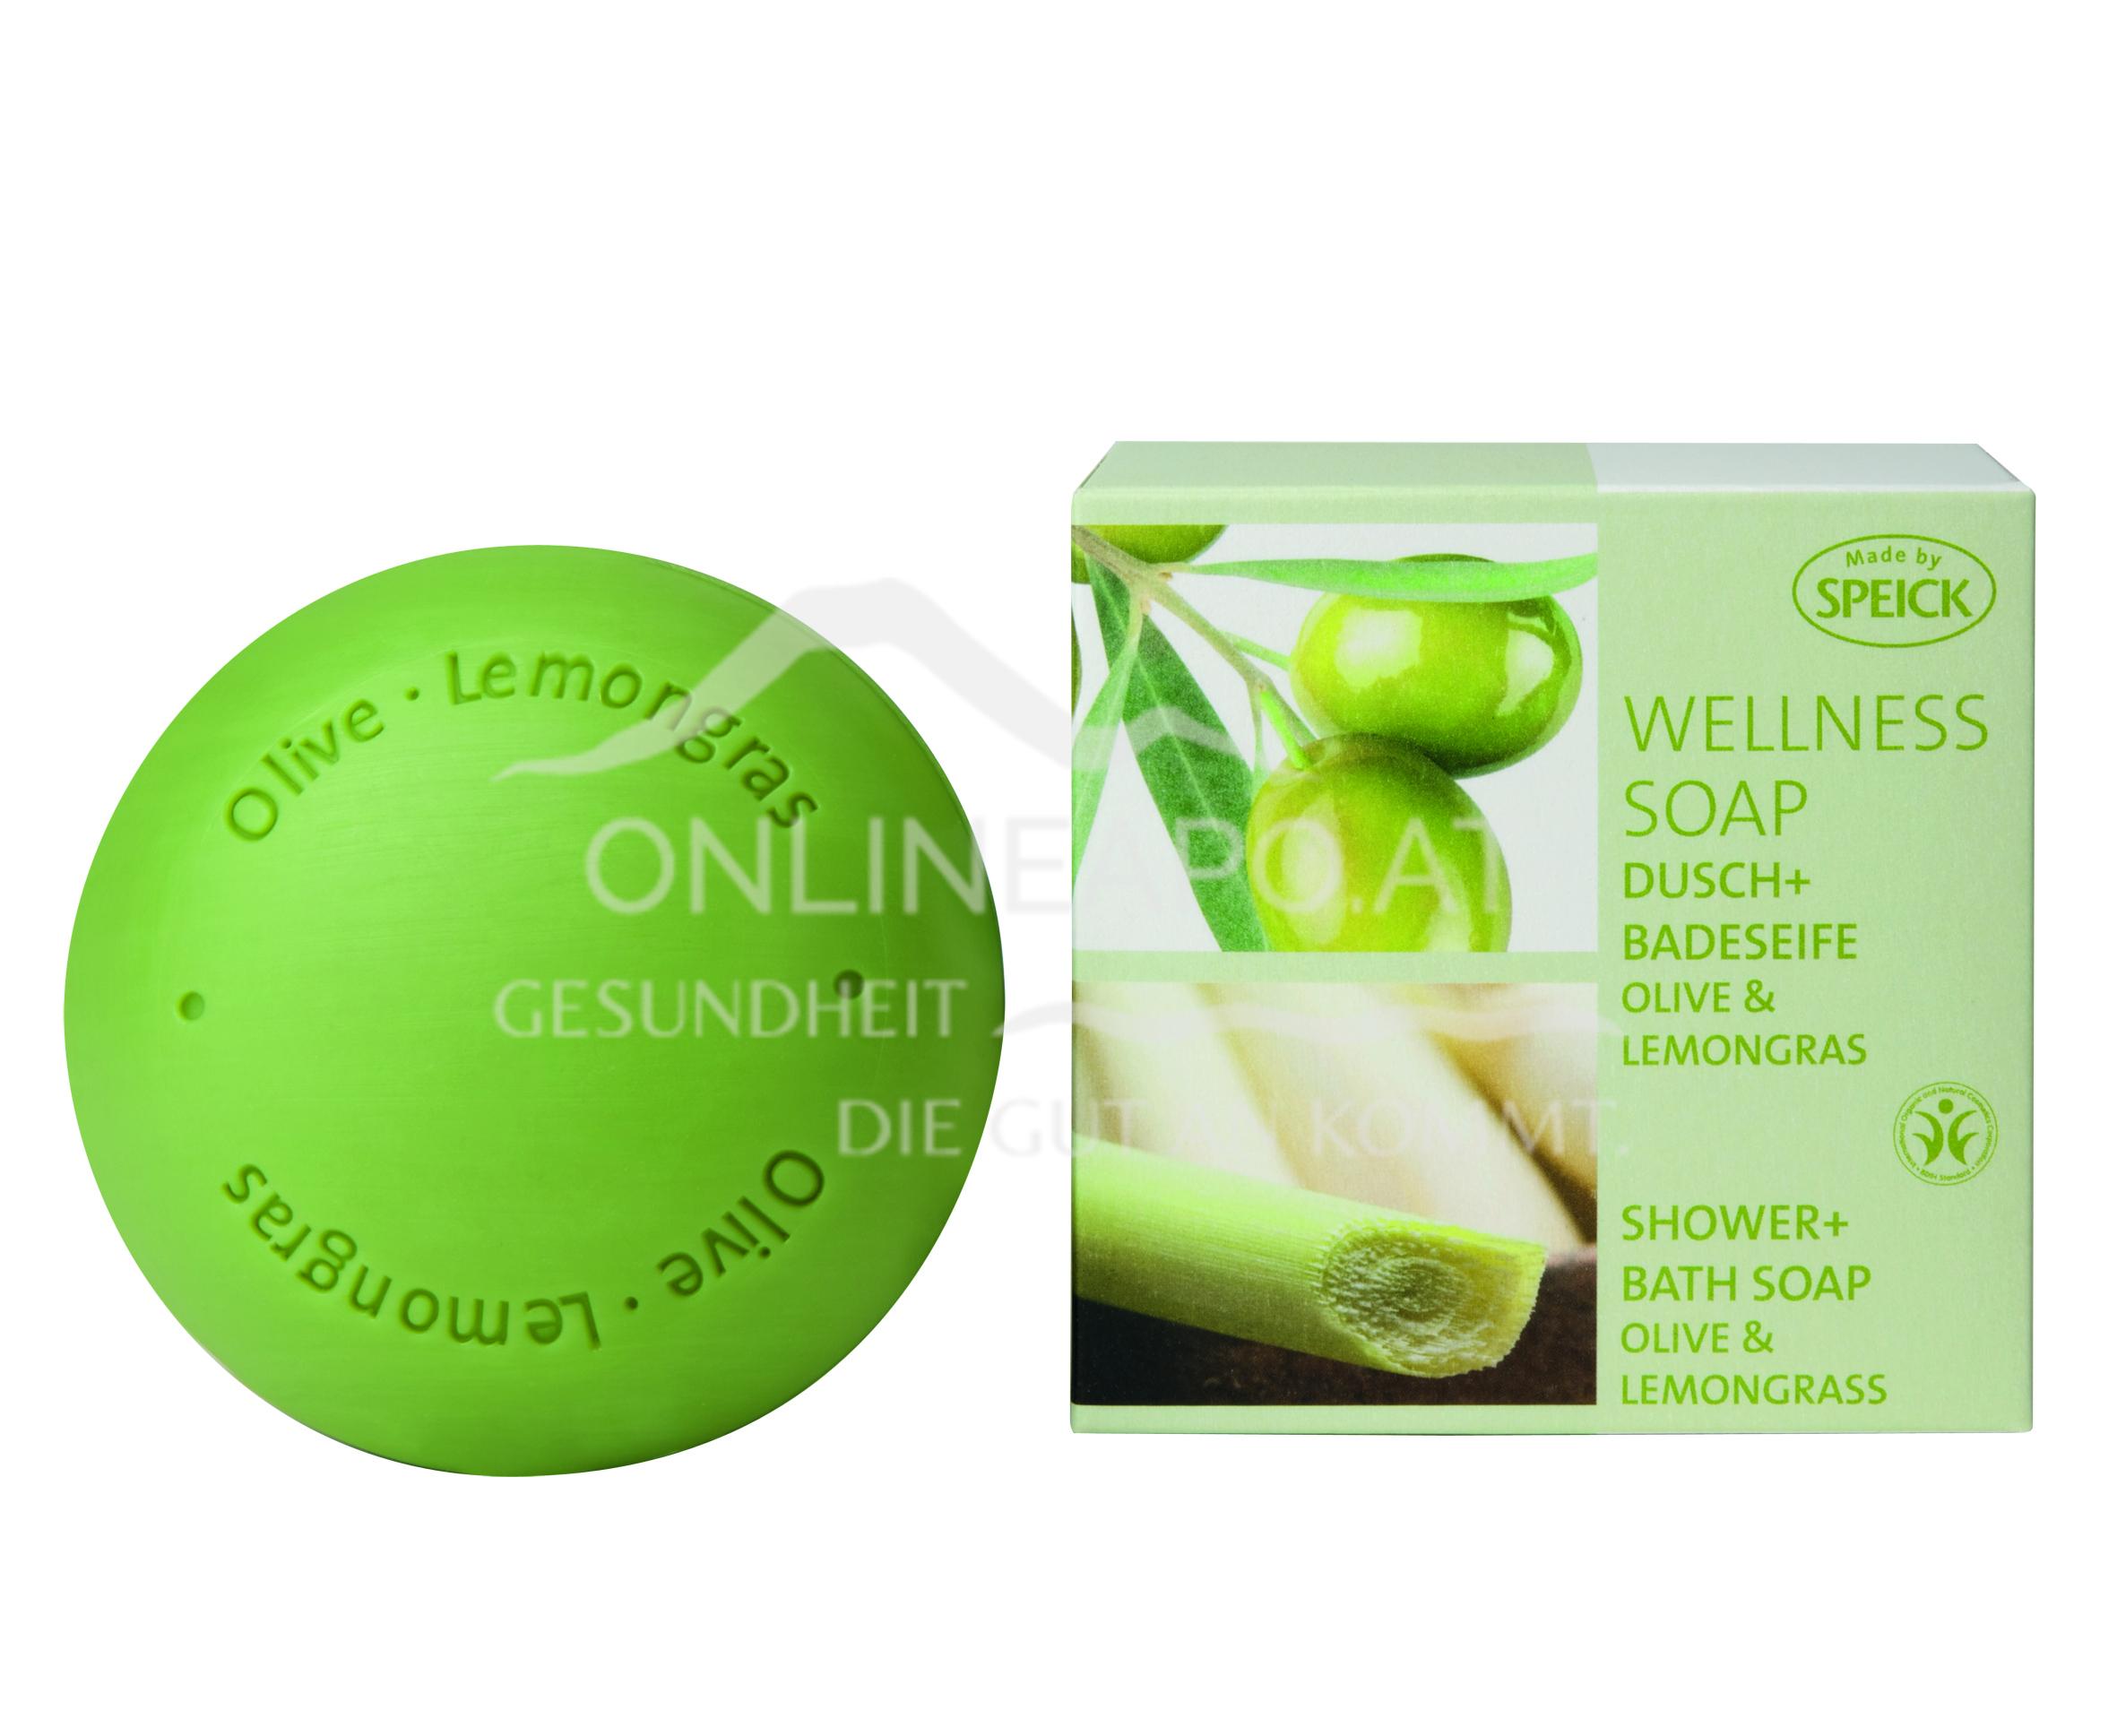 Made by Speick Wellness Soap Olive & Lemongras